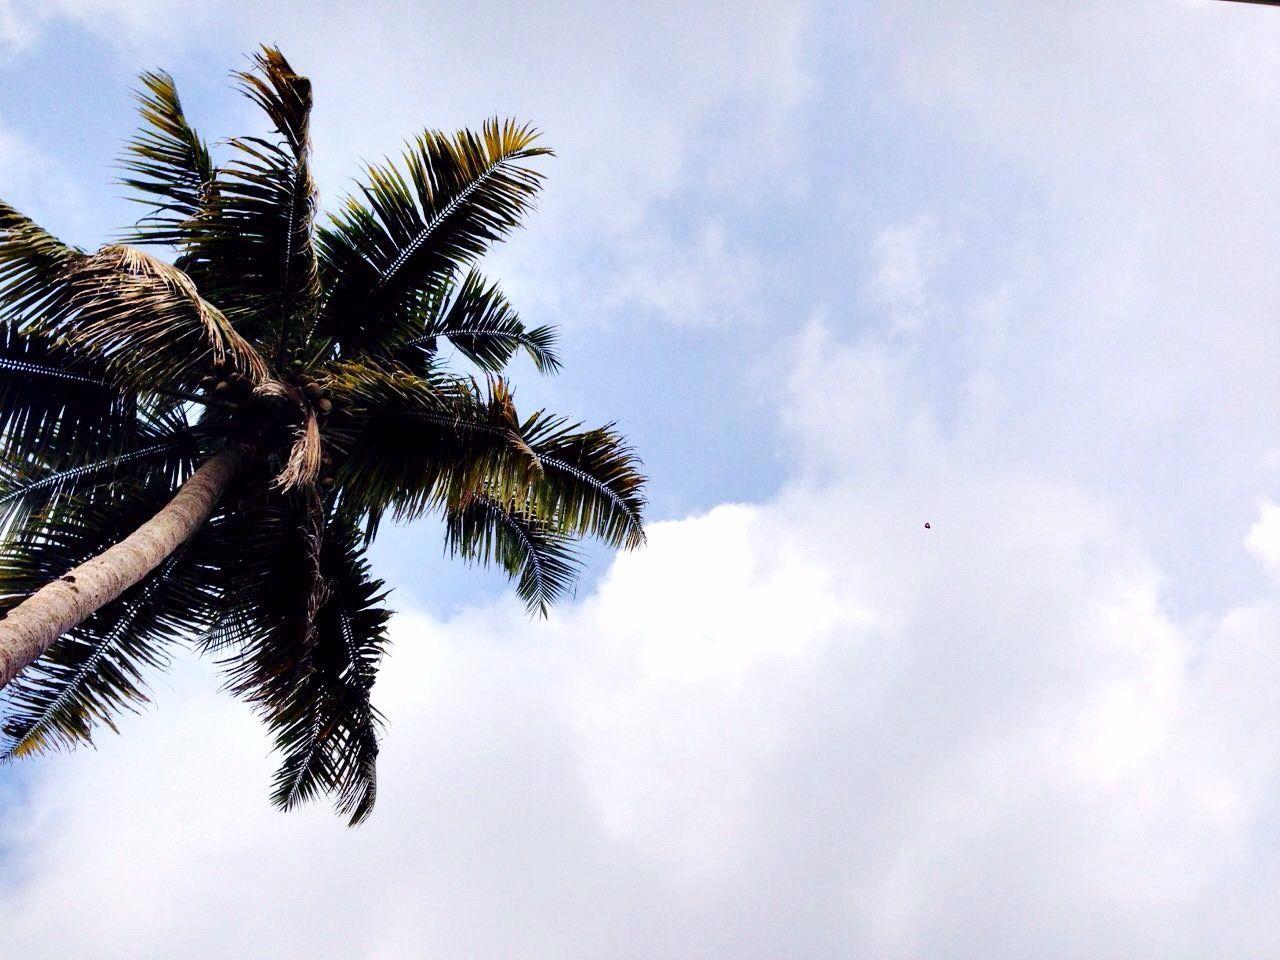 Beautiful stock photos of puma, tree, sky, low angle view, palm tree